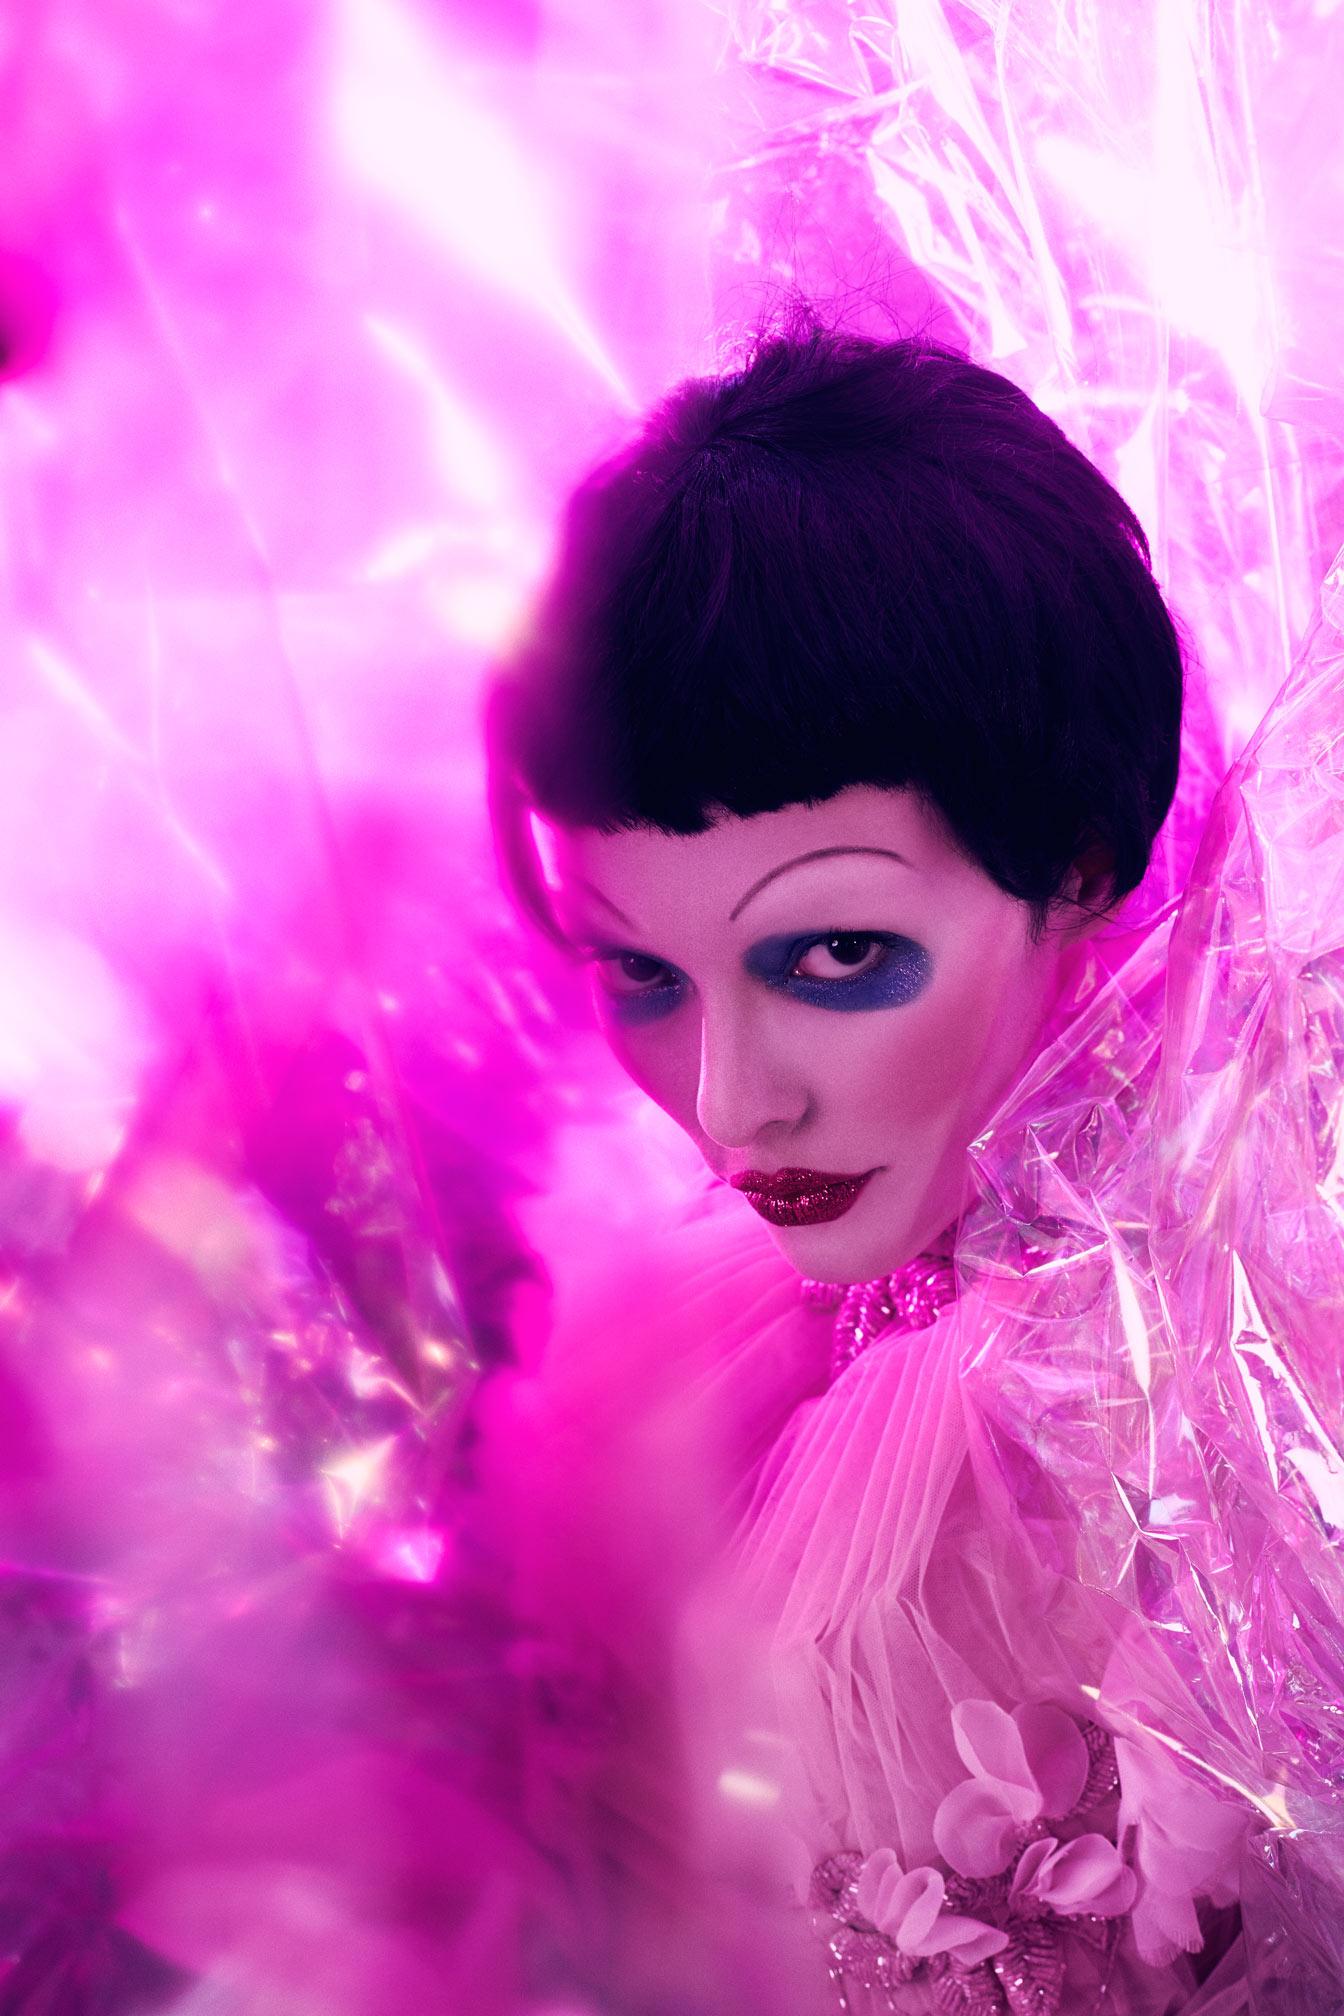 Montreal photographie artistique théâtre et cirque